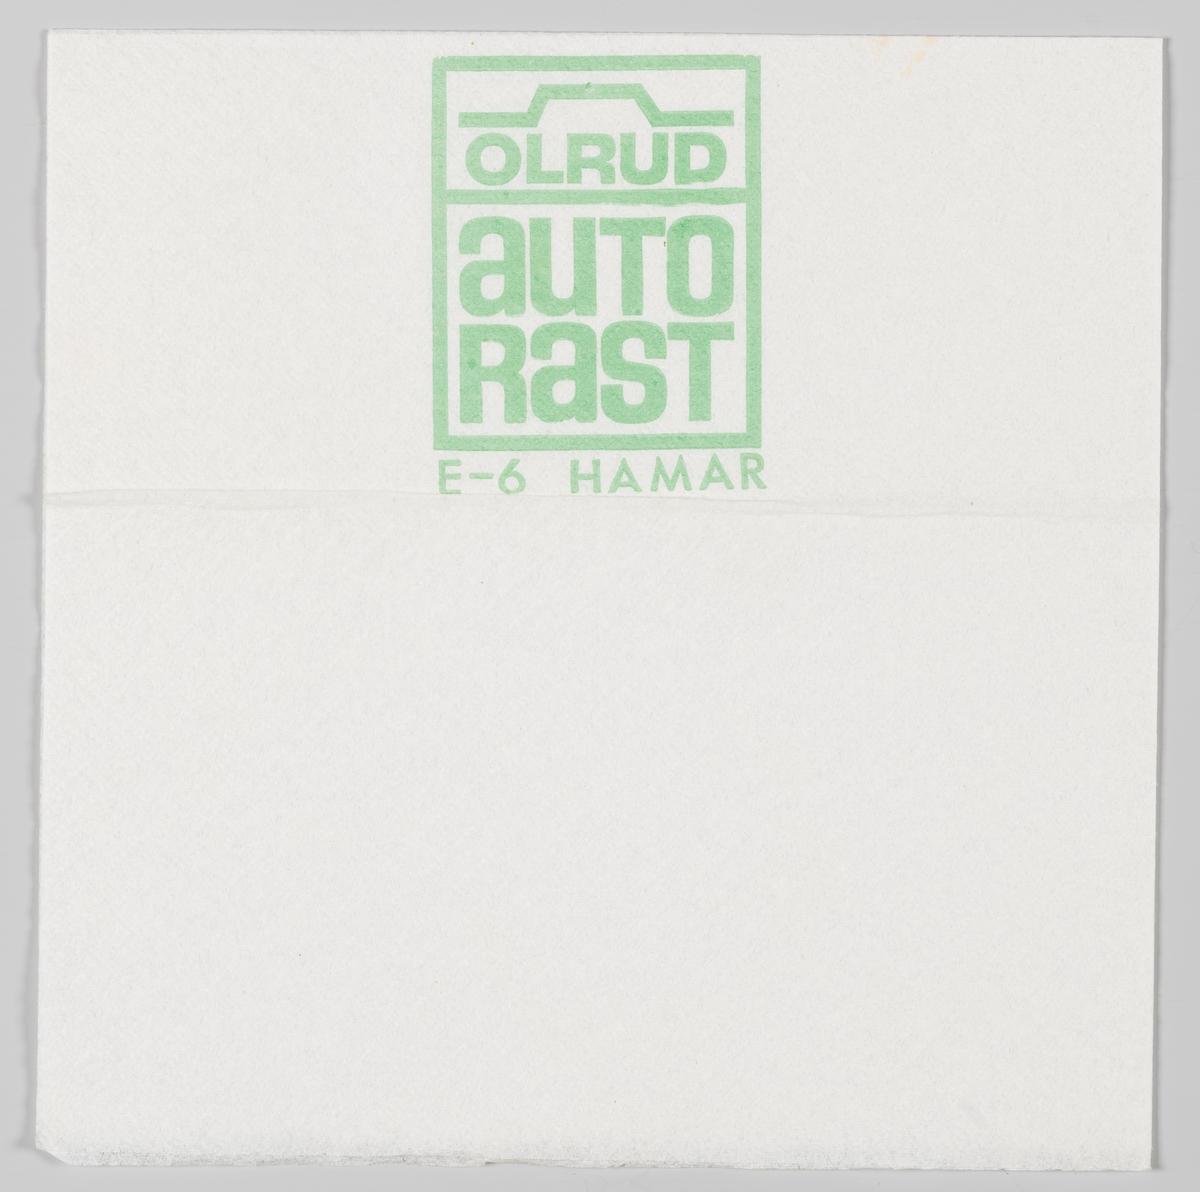 En firkantet ramme med omrisset av en bil og en reklametekst for Olrud Autorast ved E6 på Furnes/Hamar.  Olrud Auto Rast i Furnes ble påbegynt i 1966 og ferdig utbygd med motorhotell i 1968.  Reklame for samme firma på MIA.00007-004-0289.